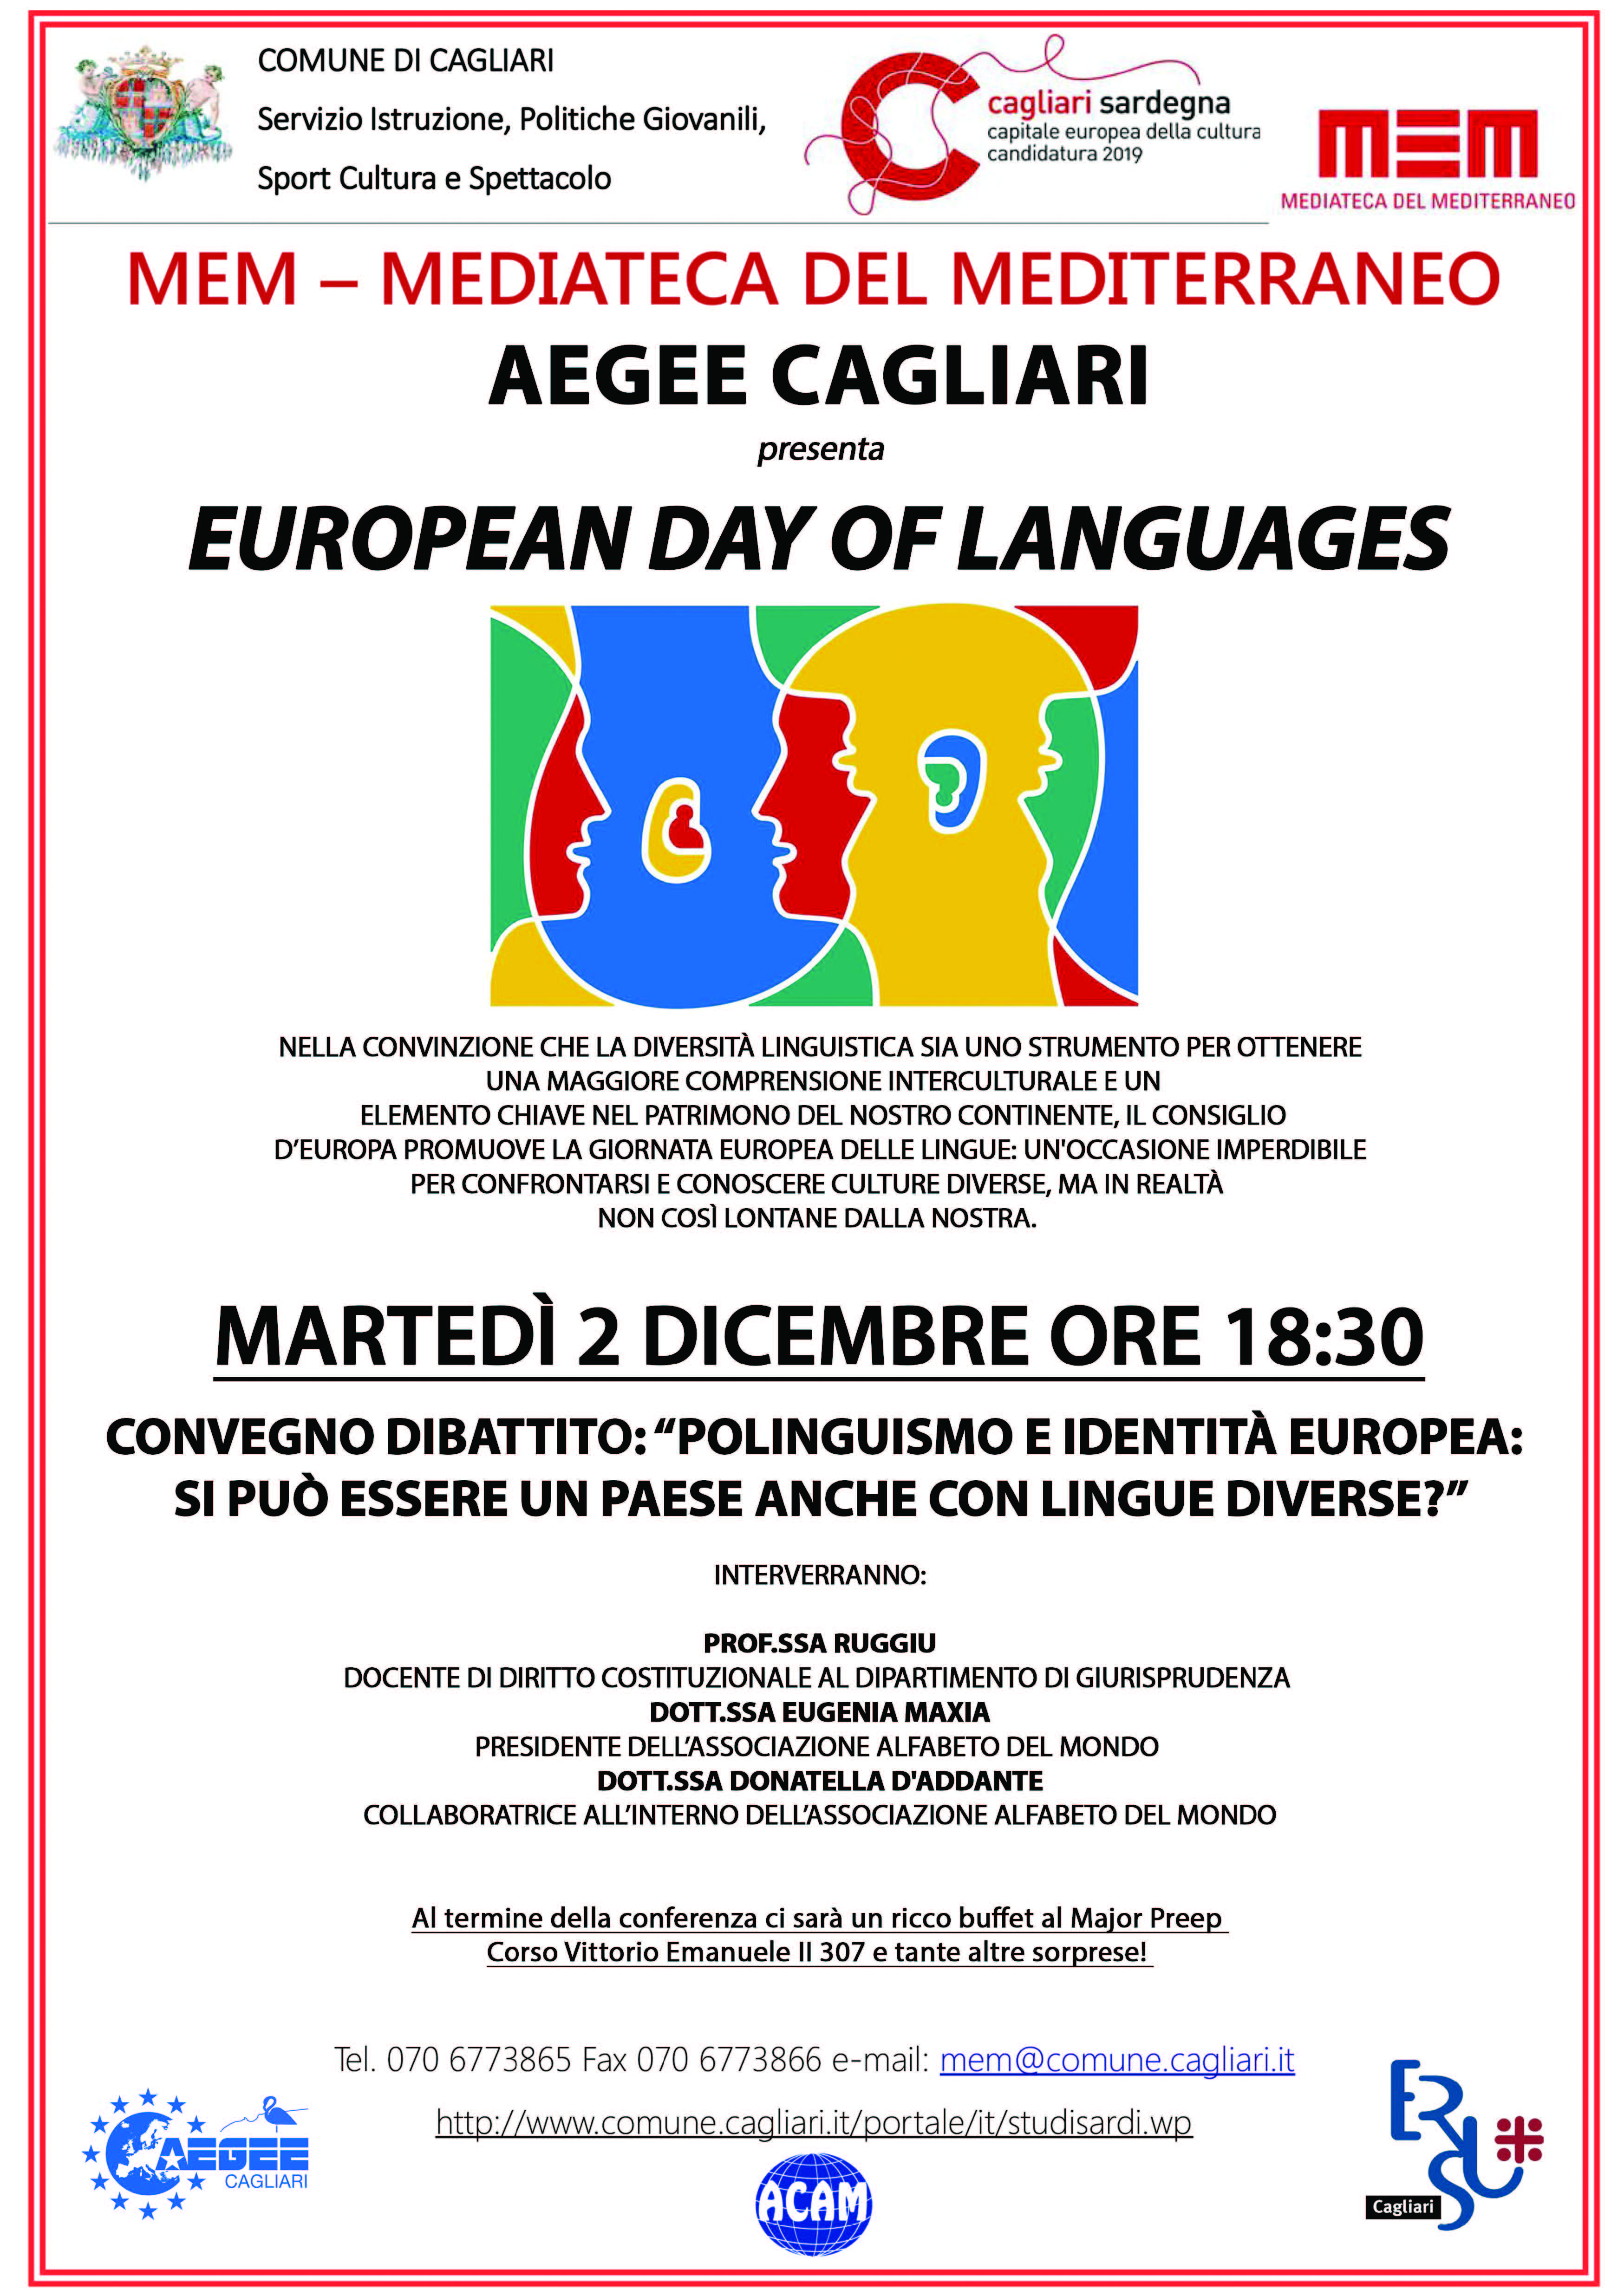 """Cagliari martedì 2 dicembre 2014 al MEM Mediateca del Mediterraneo si terrà il Convegno Dibattito """"Polinguismo e Identità europea: si può essere un paese anche con lingue diverse?"""""""